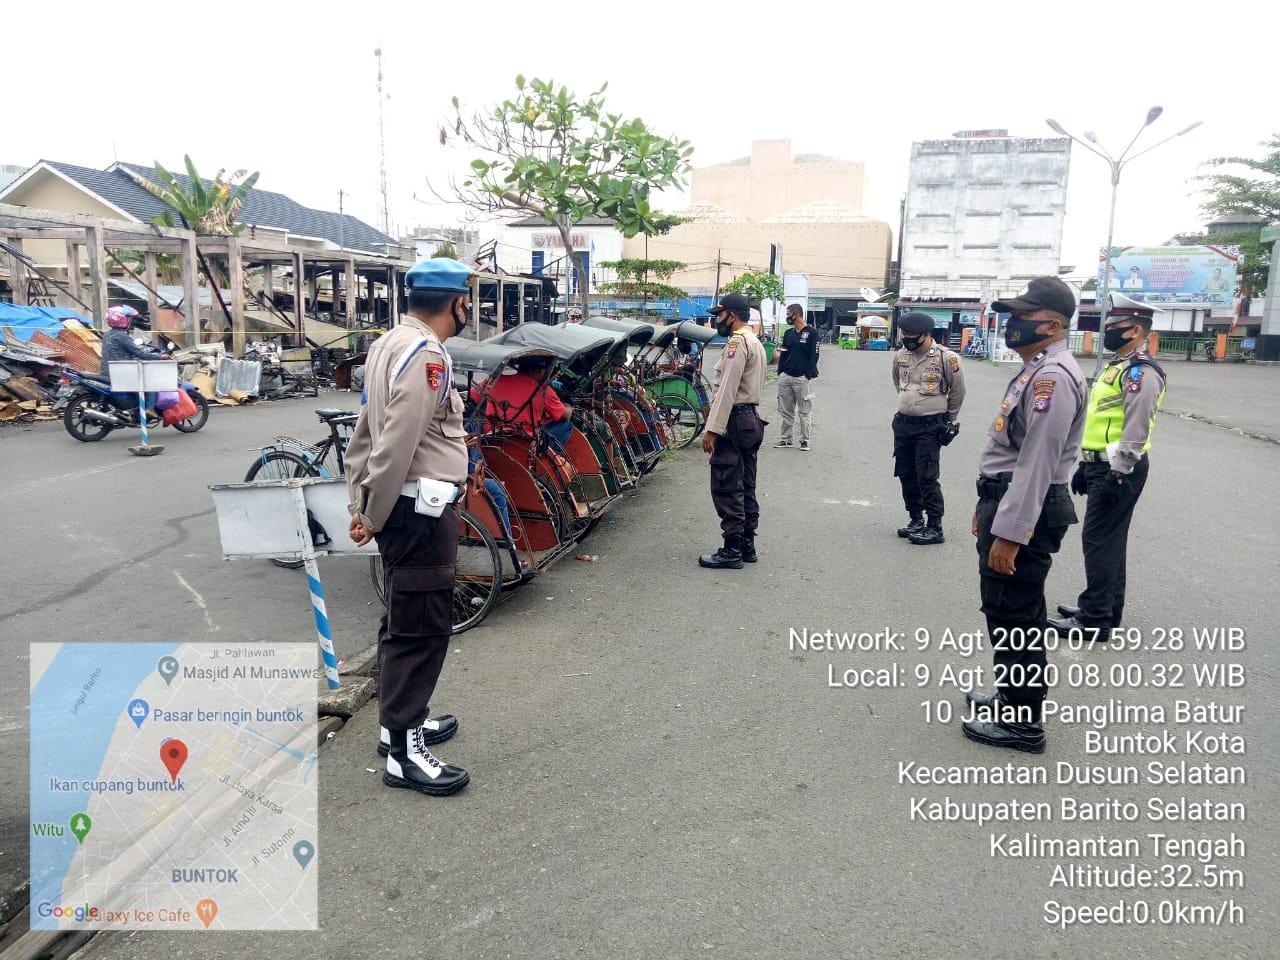 Gelar Patroli Pendisiplinan, Personel KRYD Polres Barsel Sambangi Pasar